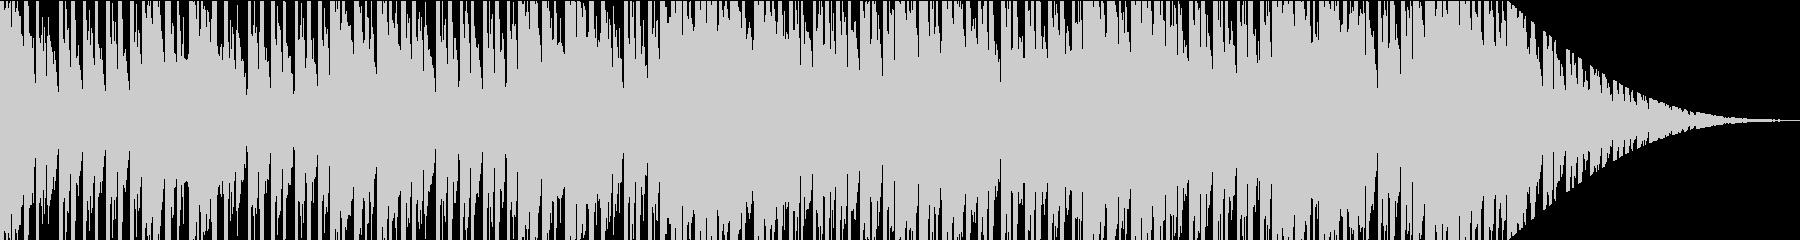 30秒・メロコア・ソリッド・ワークアウトの未再生の波形